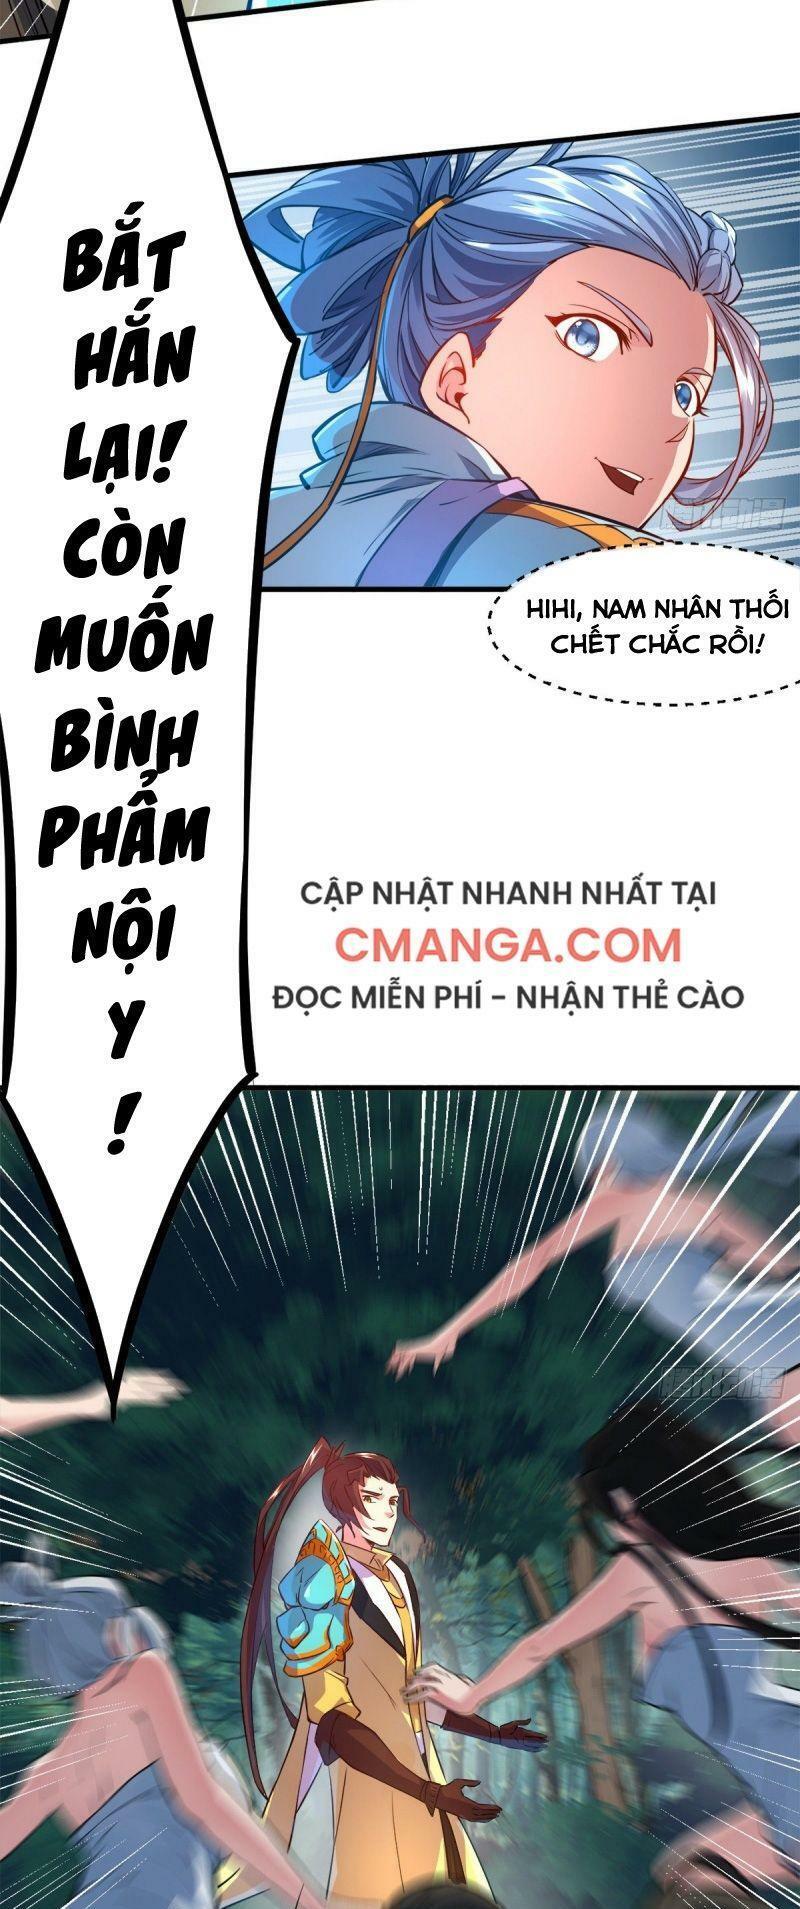 Thủ Vệ Nhất Thần  Chapter 5 - upload bởi truyensieuhay.com